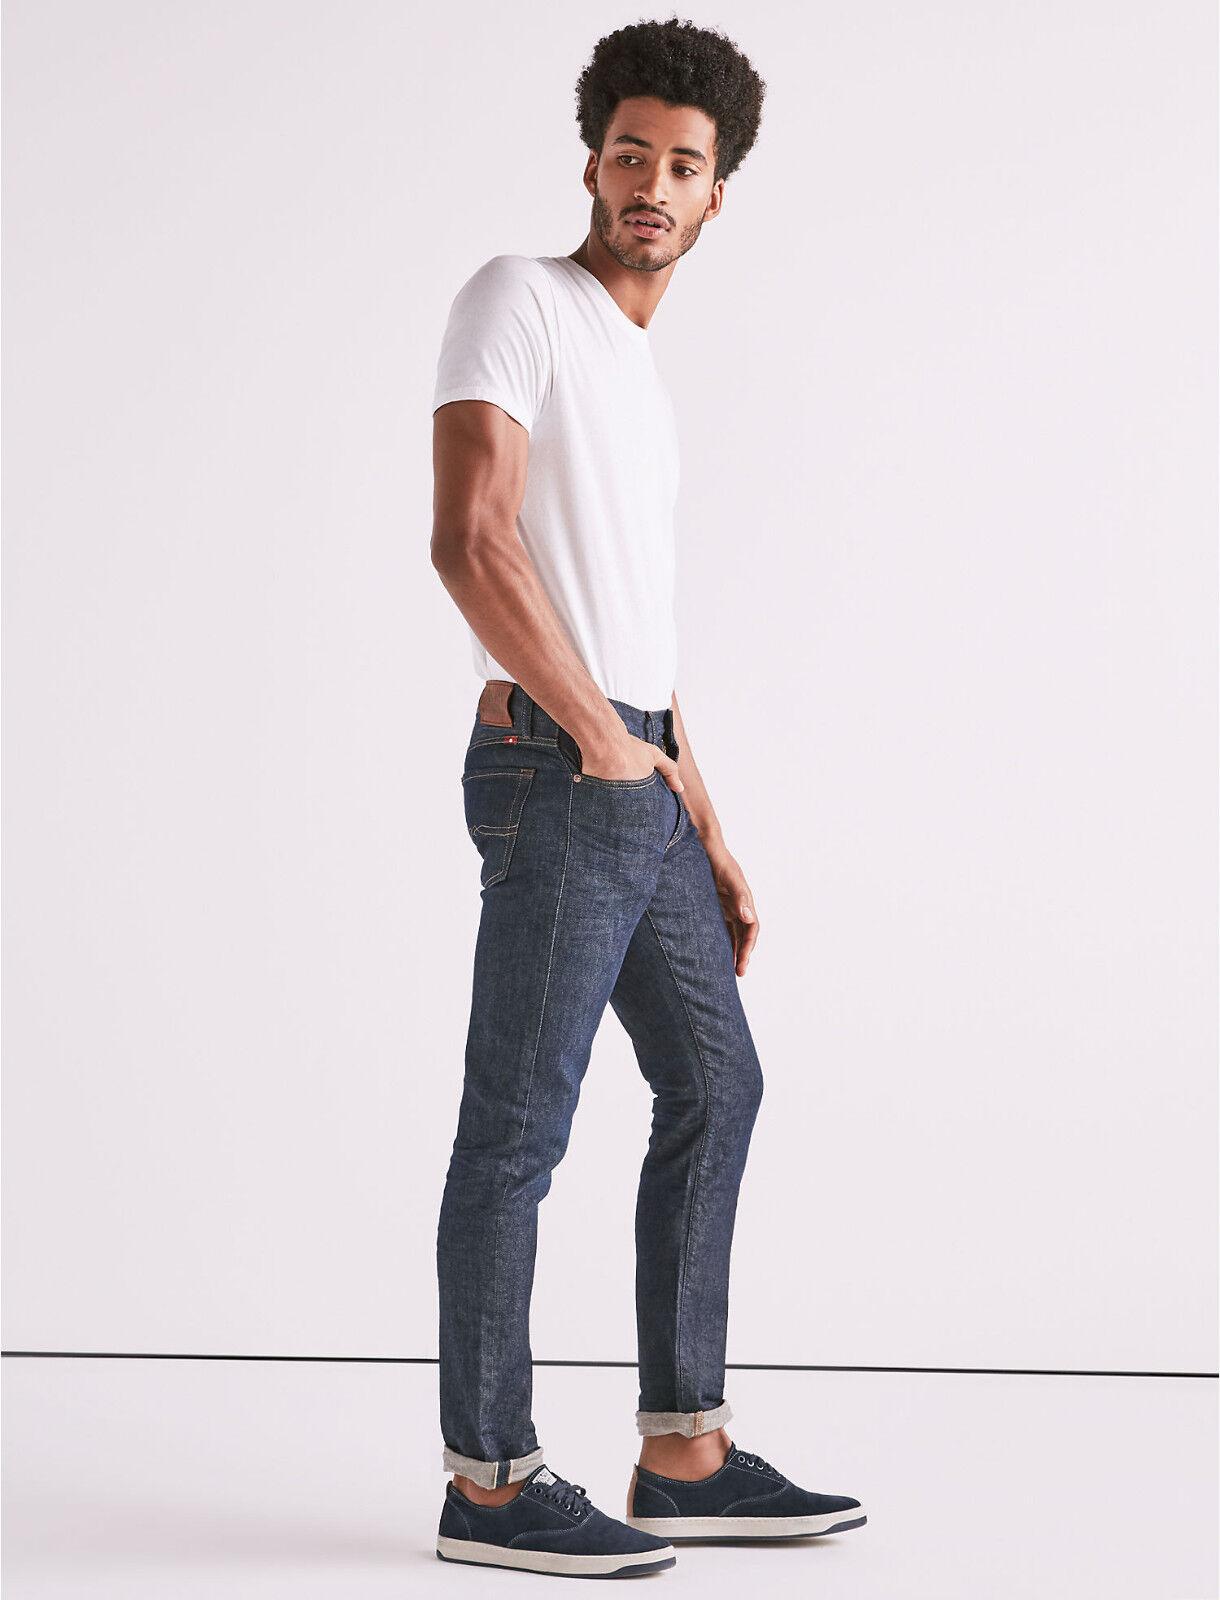 Lucky Brand Herren 110 Skinny Italien Candiani Kanten Jeans Neu 33x32